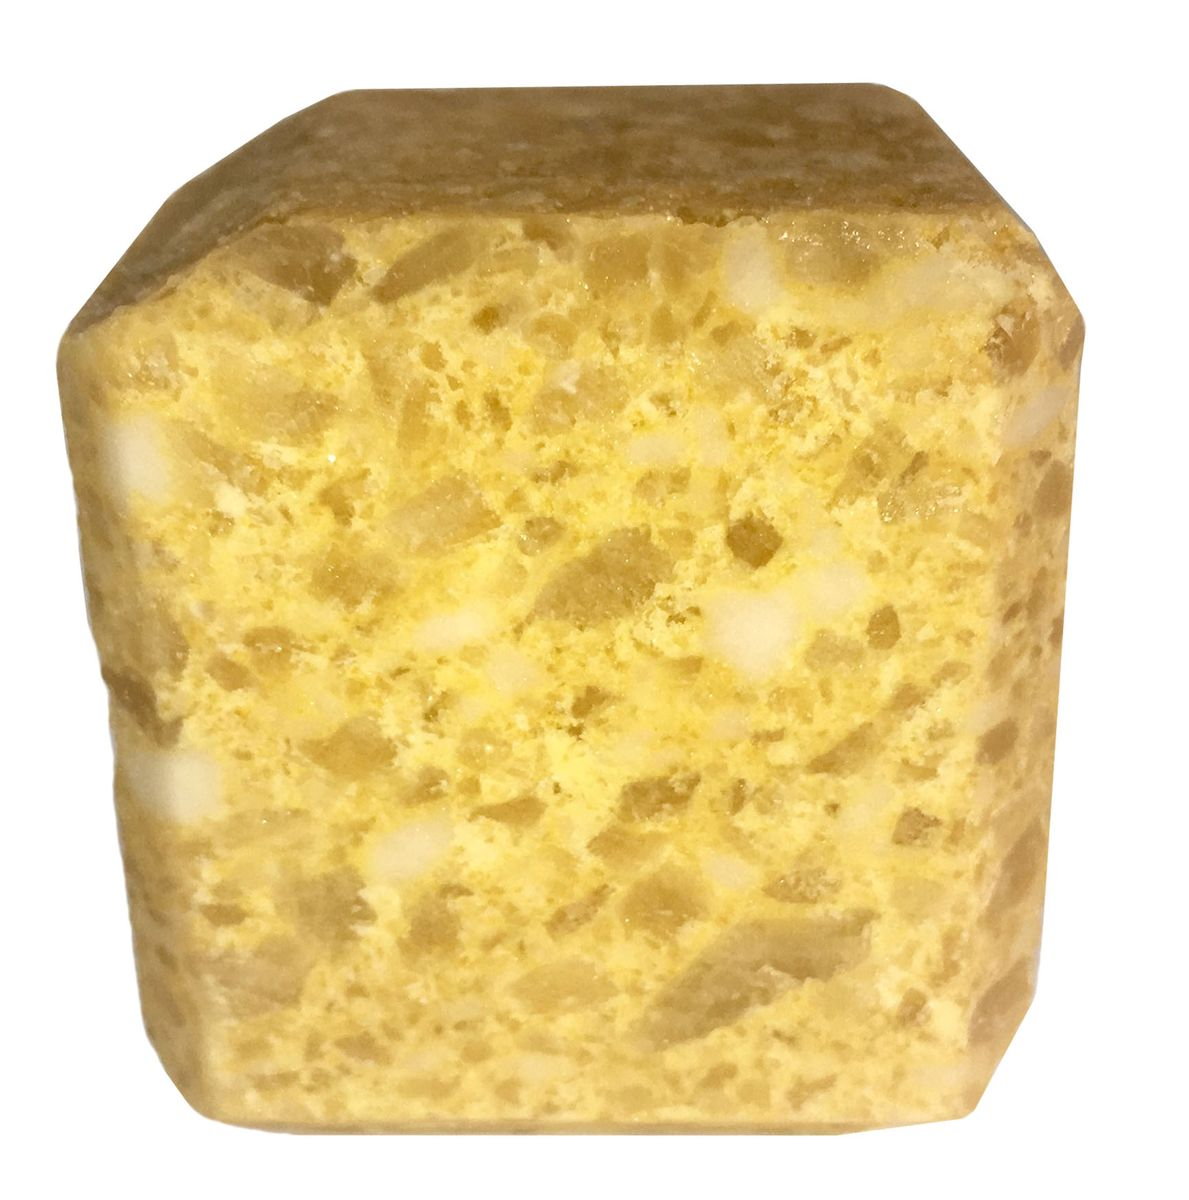 Соль для бани Proffi Sauna, с маслом лимонаPS0551Прессованный кубик из соли Proffi Sauna подходит для сауны и бани. Имеет приятный аромат лимона.Заходя в бане / сауне в парилку, Вы ставите кубик из соли на камни и поливаете камень водой. В результате образуется облако соляного пара, а по всей парилке разносится приятный аромат. 1 кубик рассчитан на 1 применение.Состав: чистая природная структурированная соль, эфирное масло.